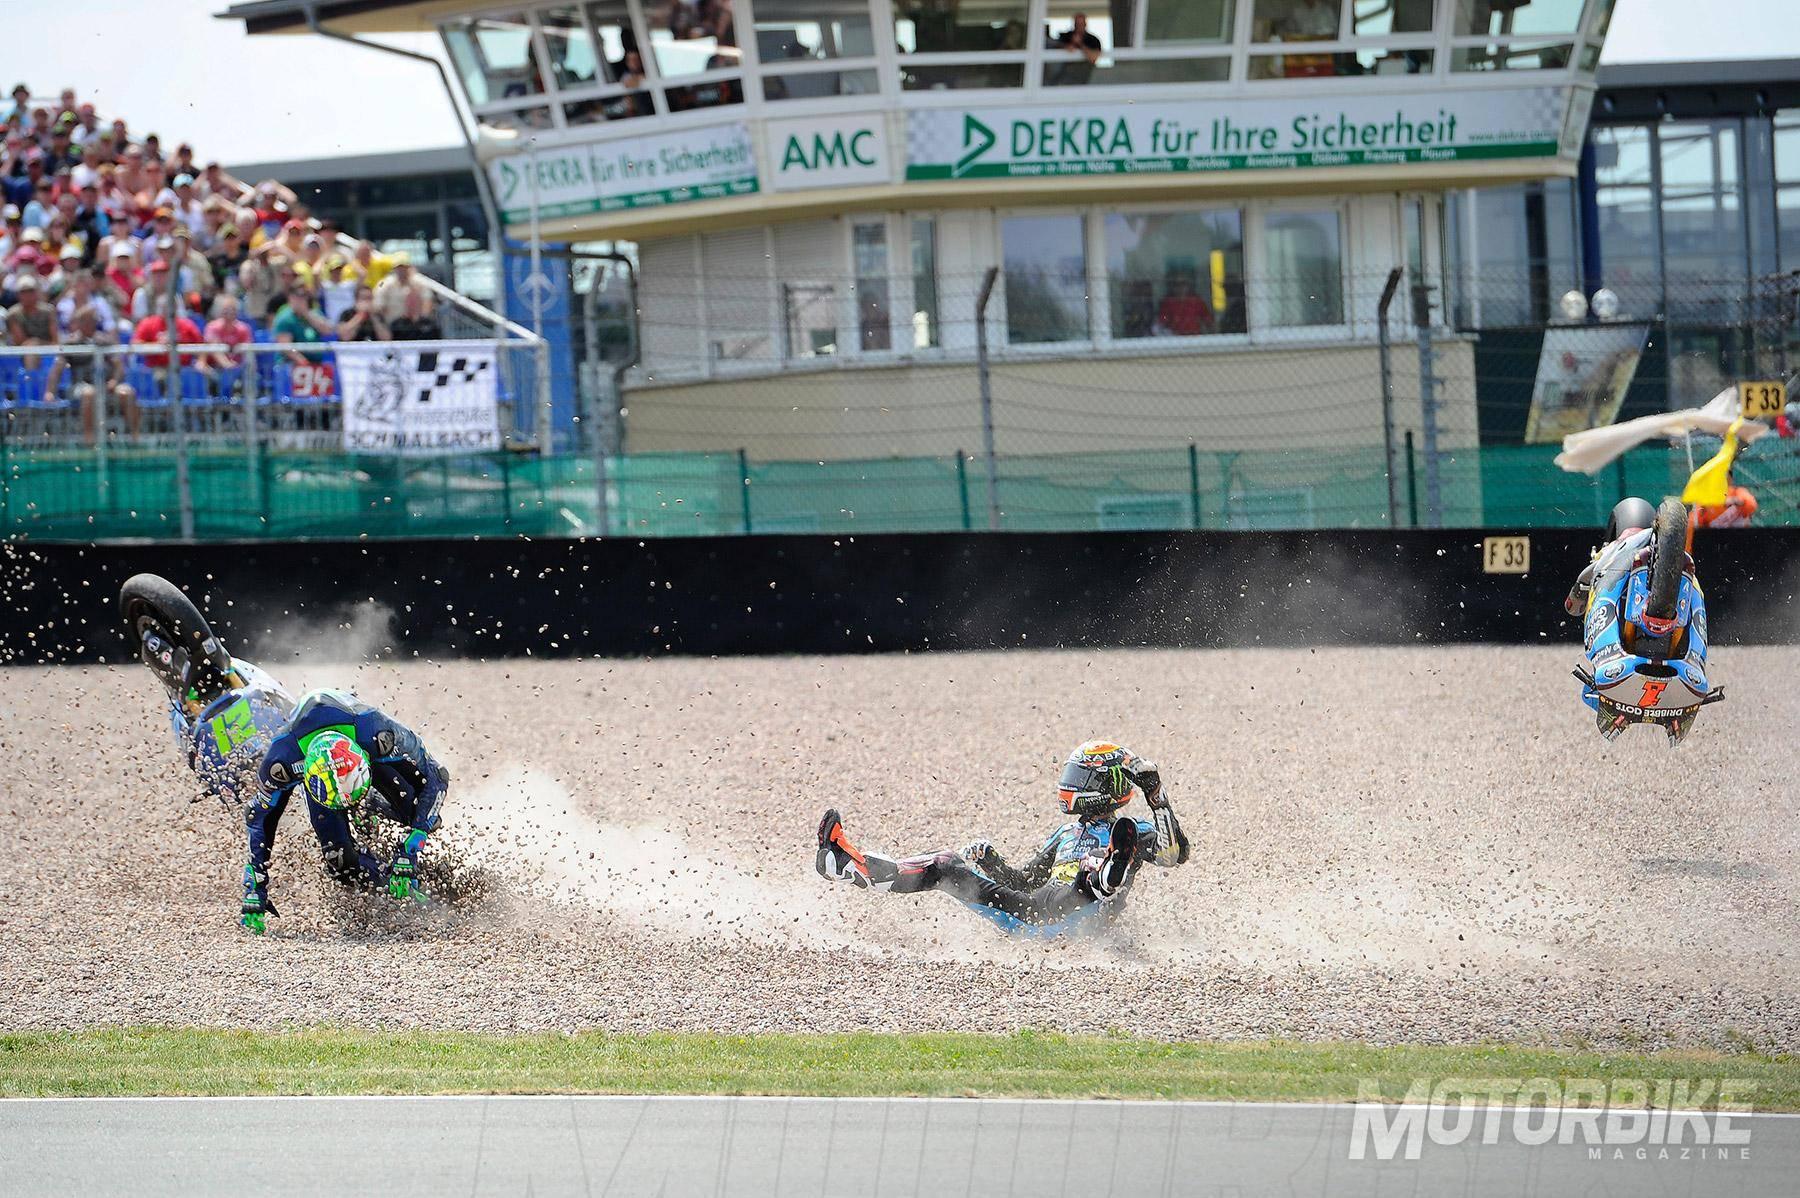 Moto2 Sachsenring 2015 - Motorbike Magazine